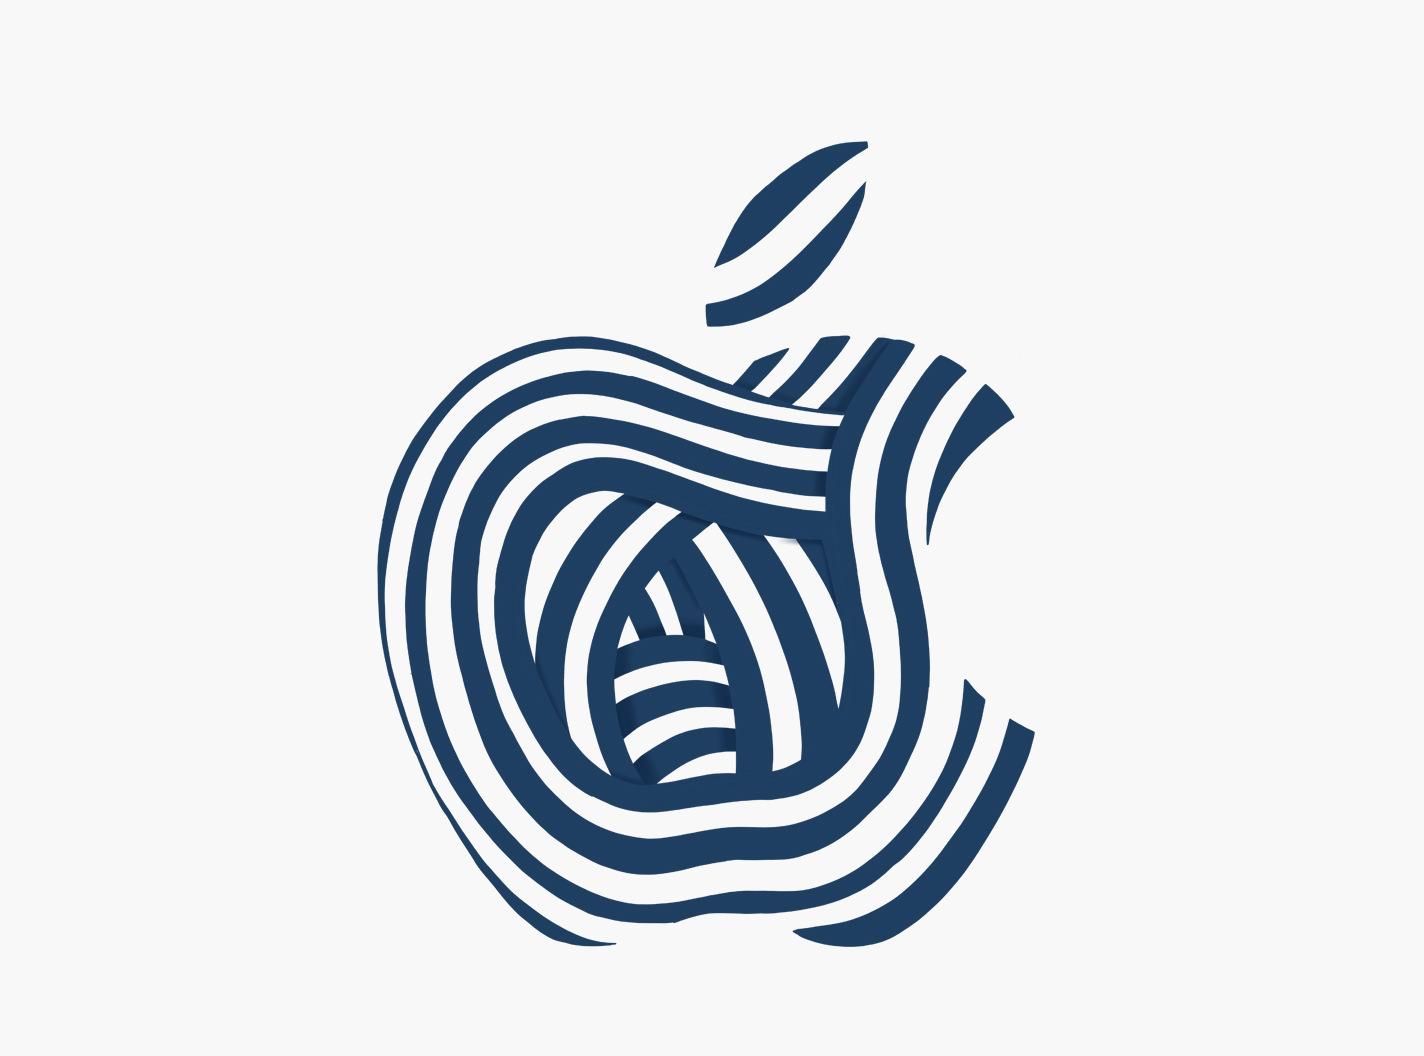 Actualizaciones: iOS 14.8, watchOS 7.6.2 y macOS 11.6 traen importantes mejoras de seguridad